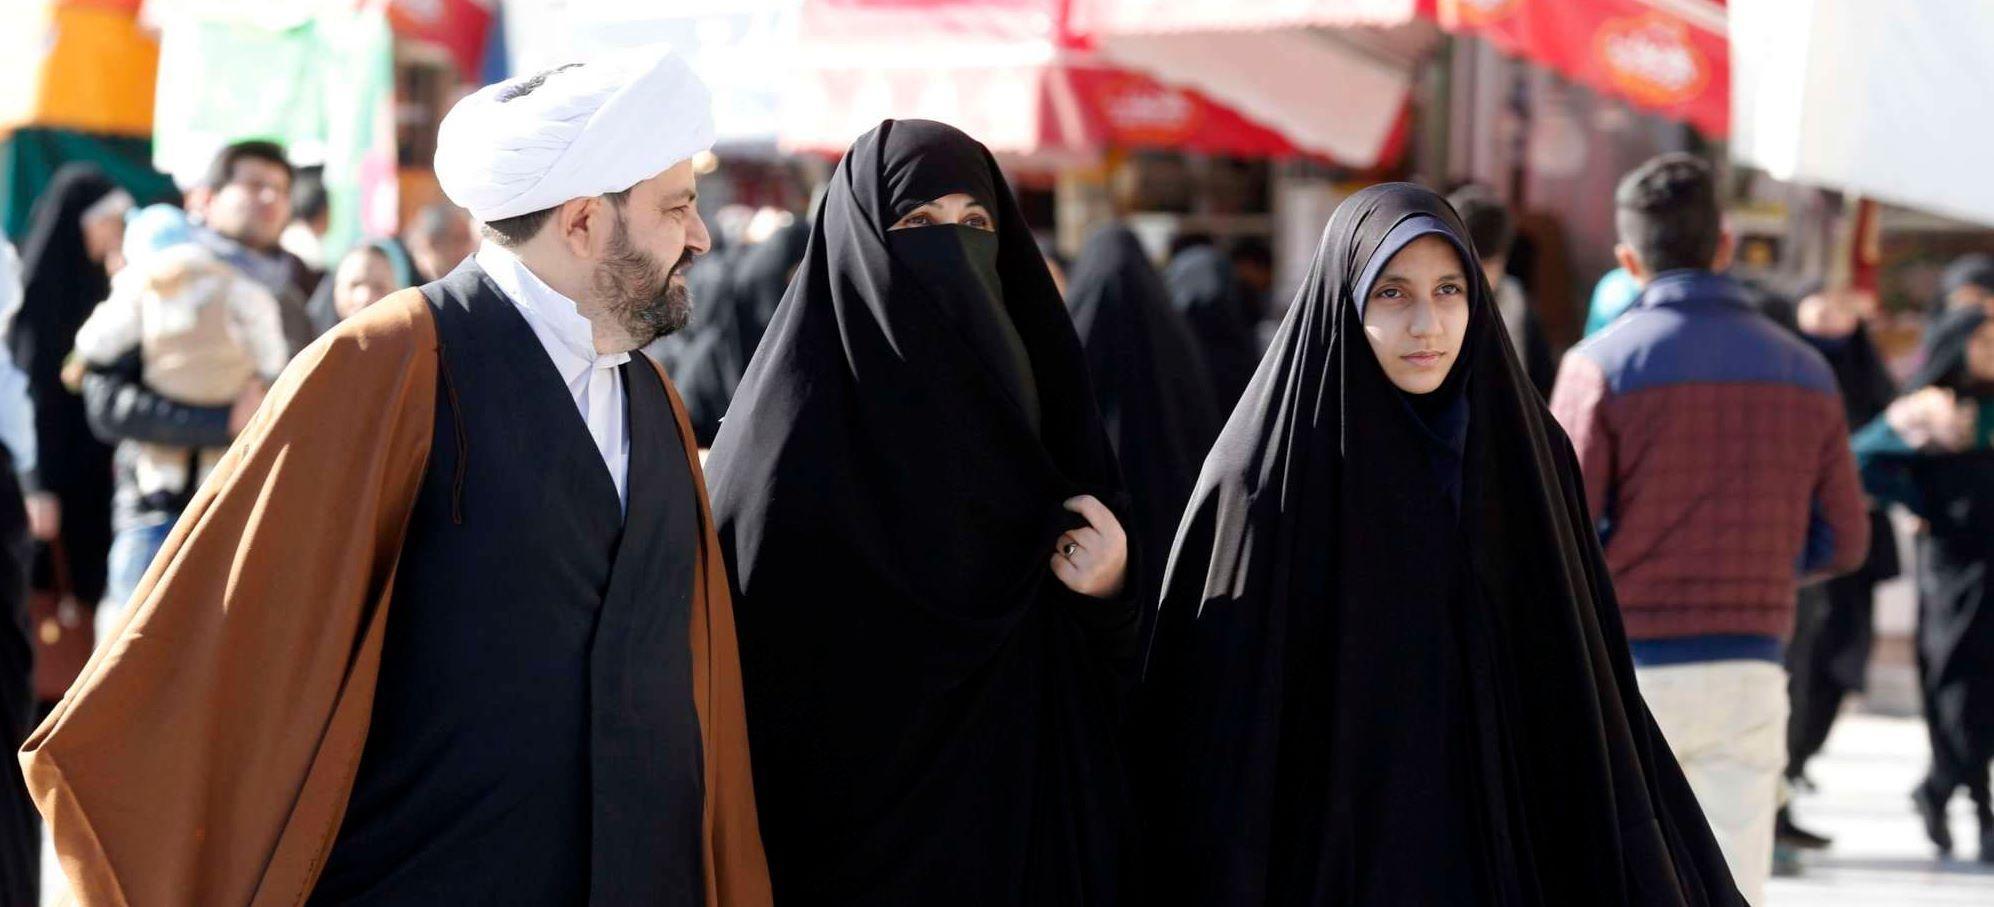 Teheran avvisa: dieci anni a chi diffonde video di donne senza il velo